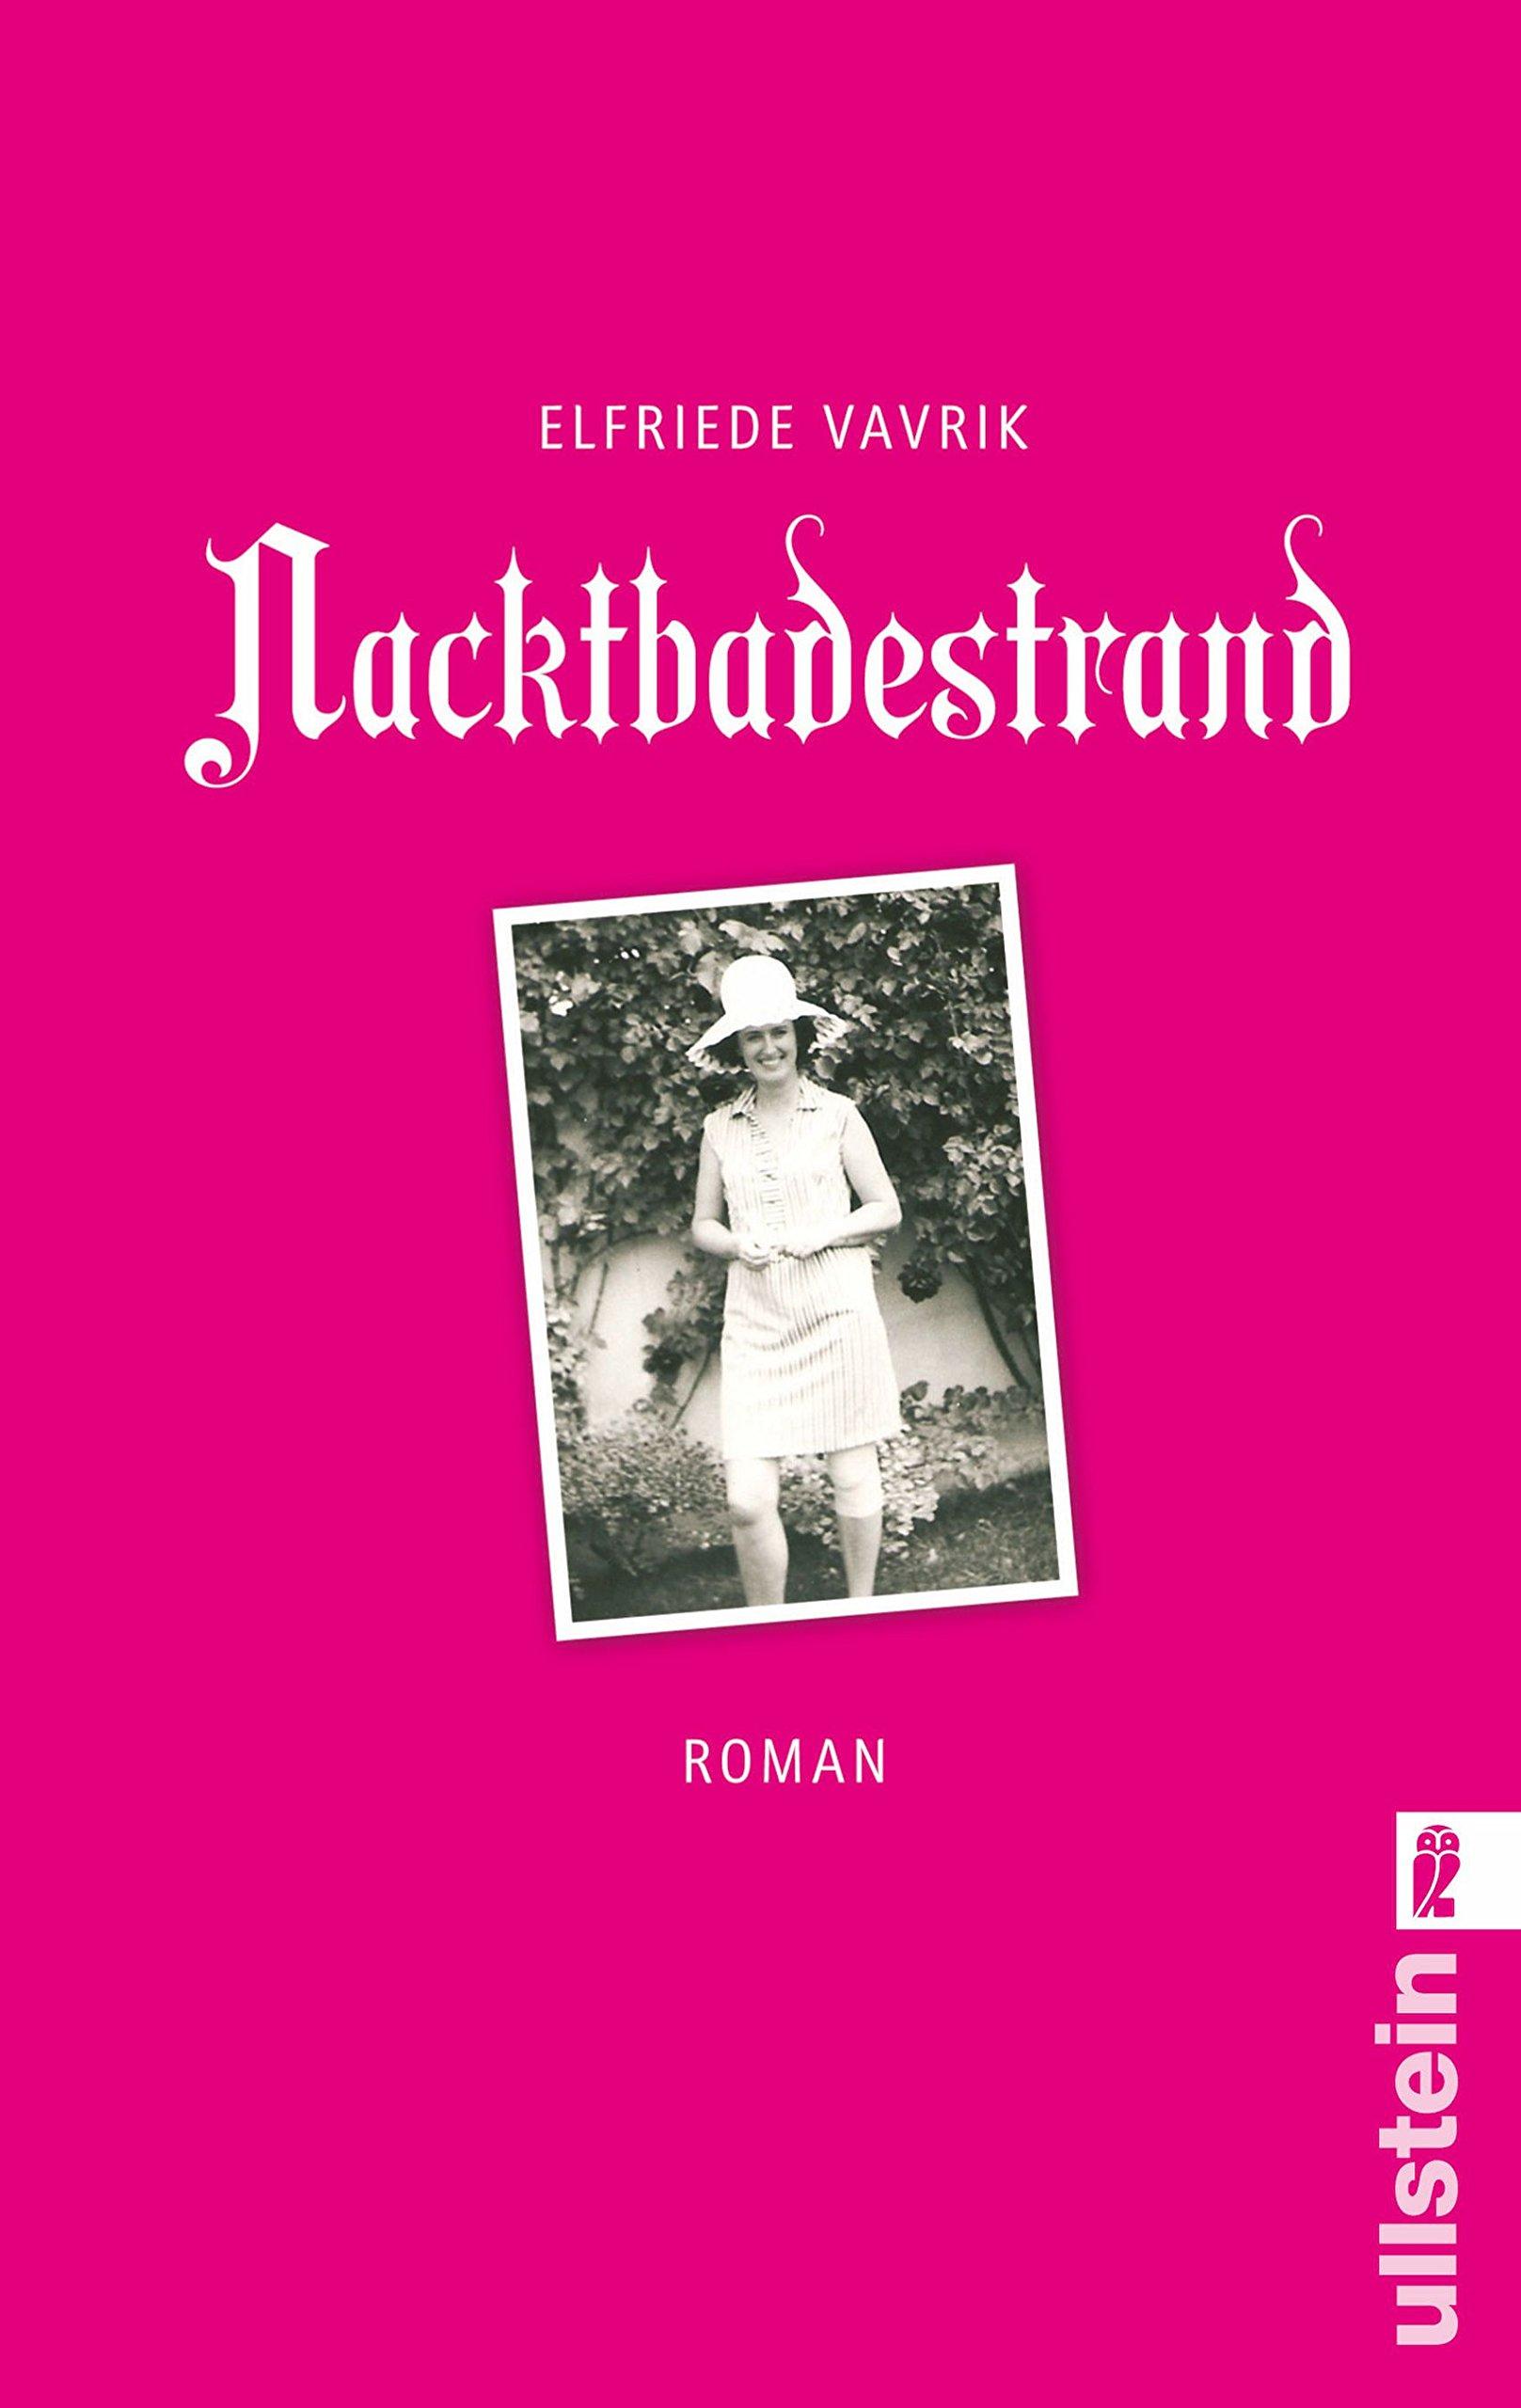 Nacktbadestrand Taschenbuch – 12. Januar 2011 Elfriede Vavrik Ullstein Taschenbuch 3548282970 FICTION / General